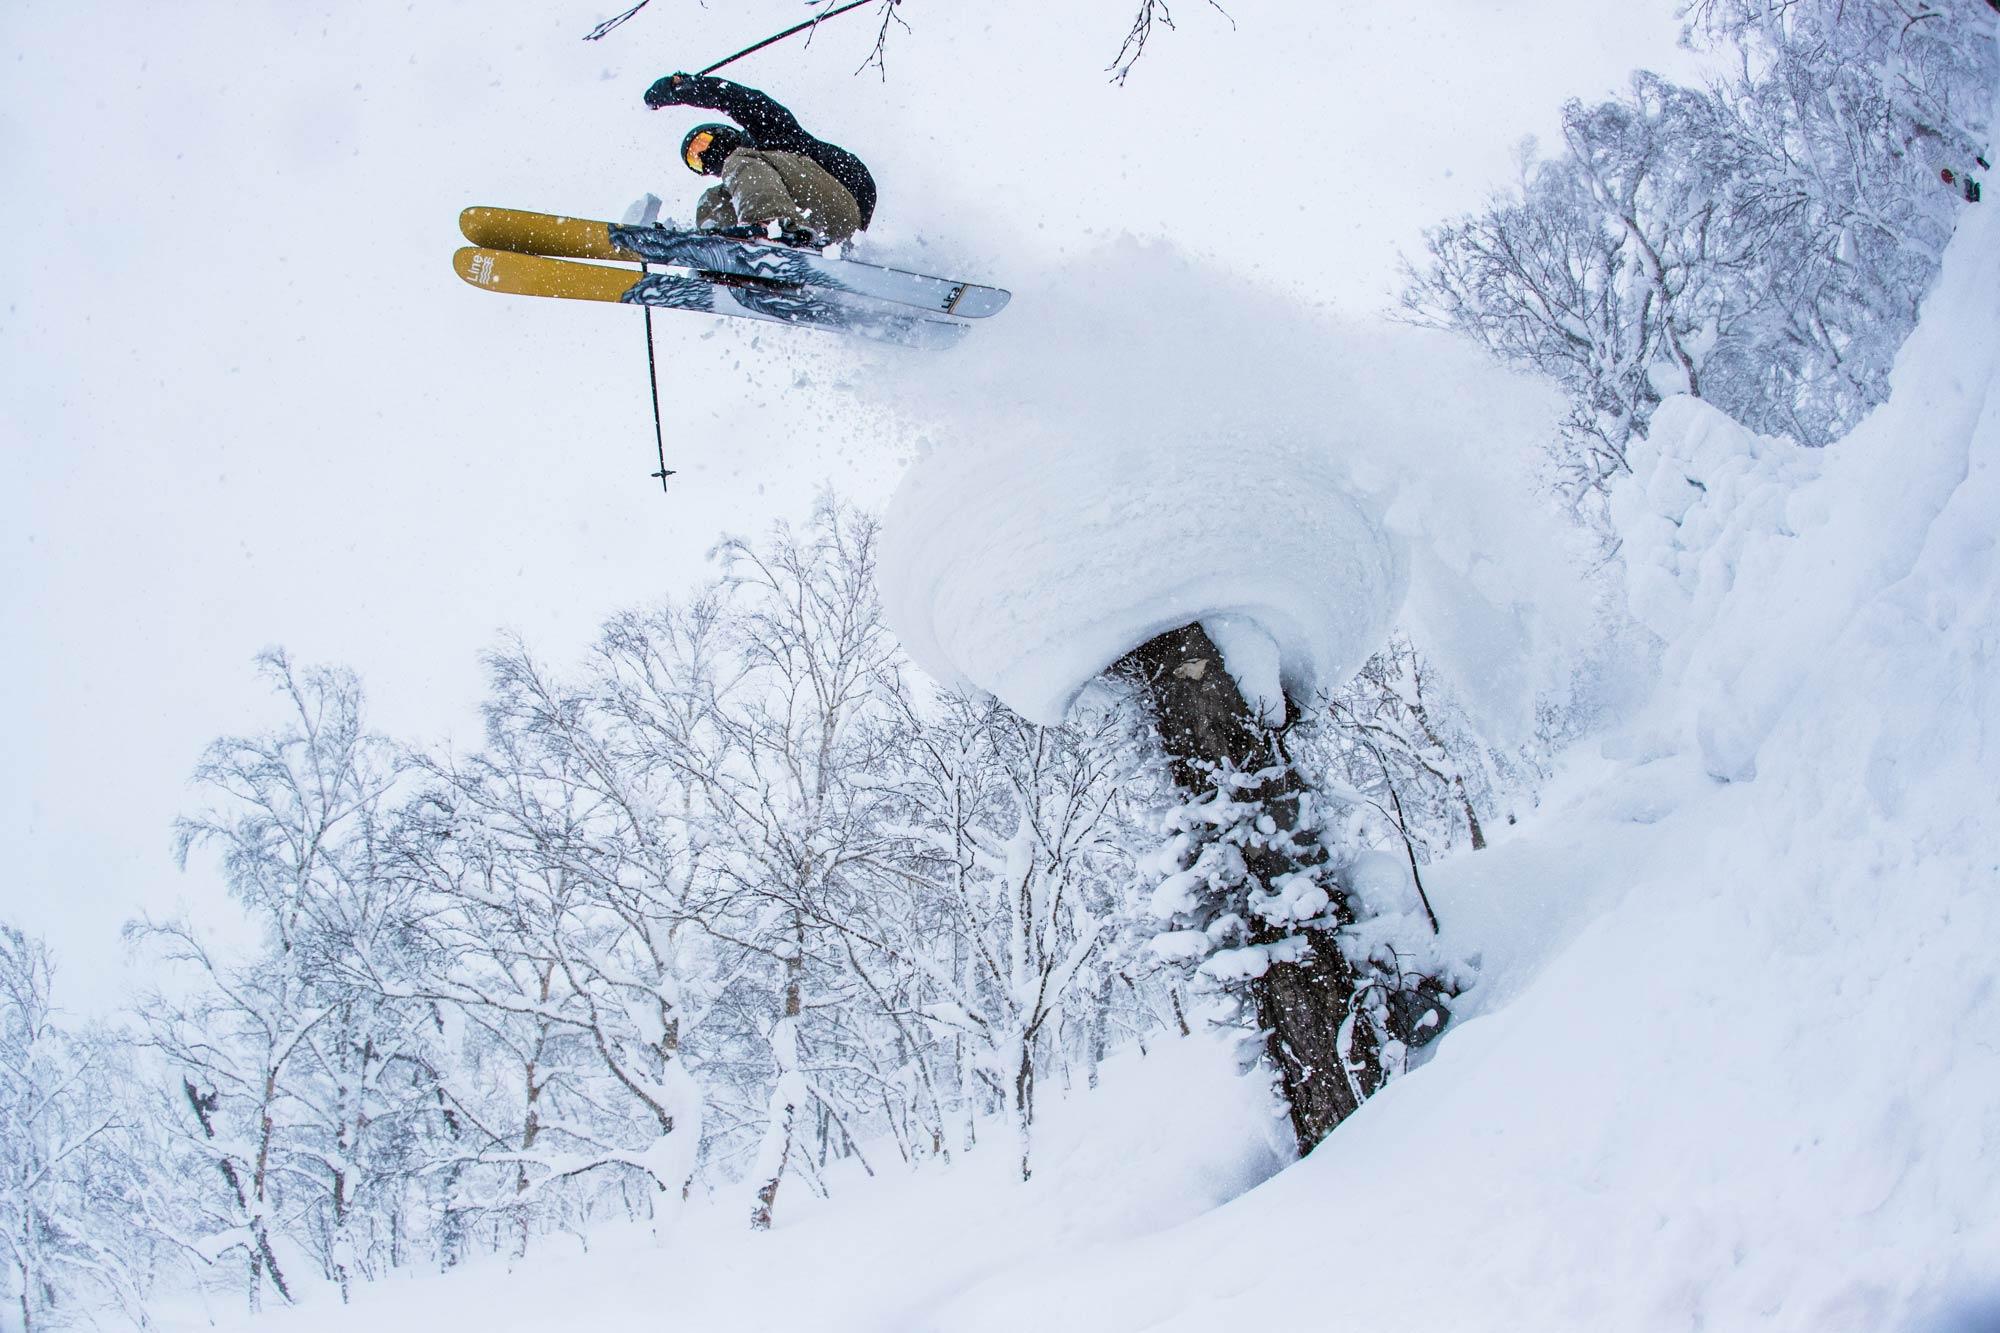 Auch beim Skifahren überzeugt uns EP jedes Mal aufs Neue! - Foto: Alister Buckingham